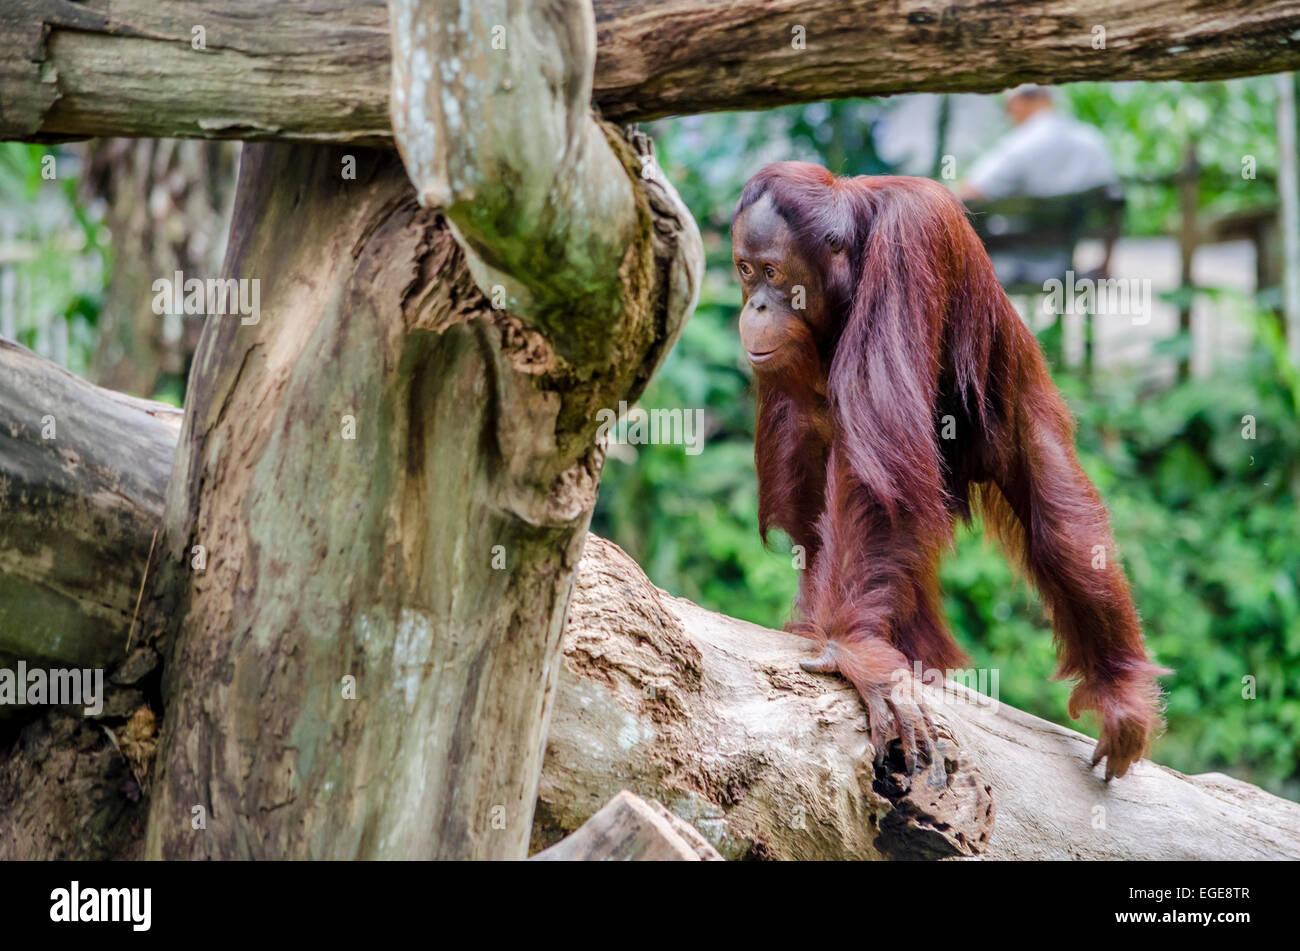 Junger Orang-Utan im Zoo zu Fuß auf einem Stamm Stockbild